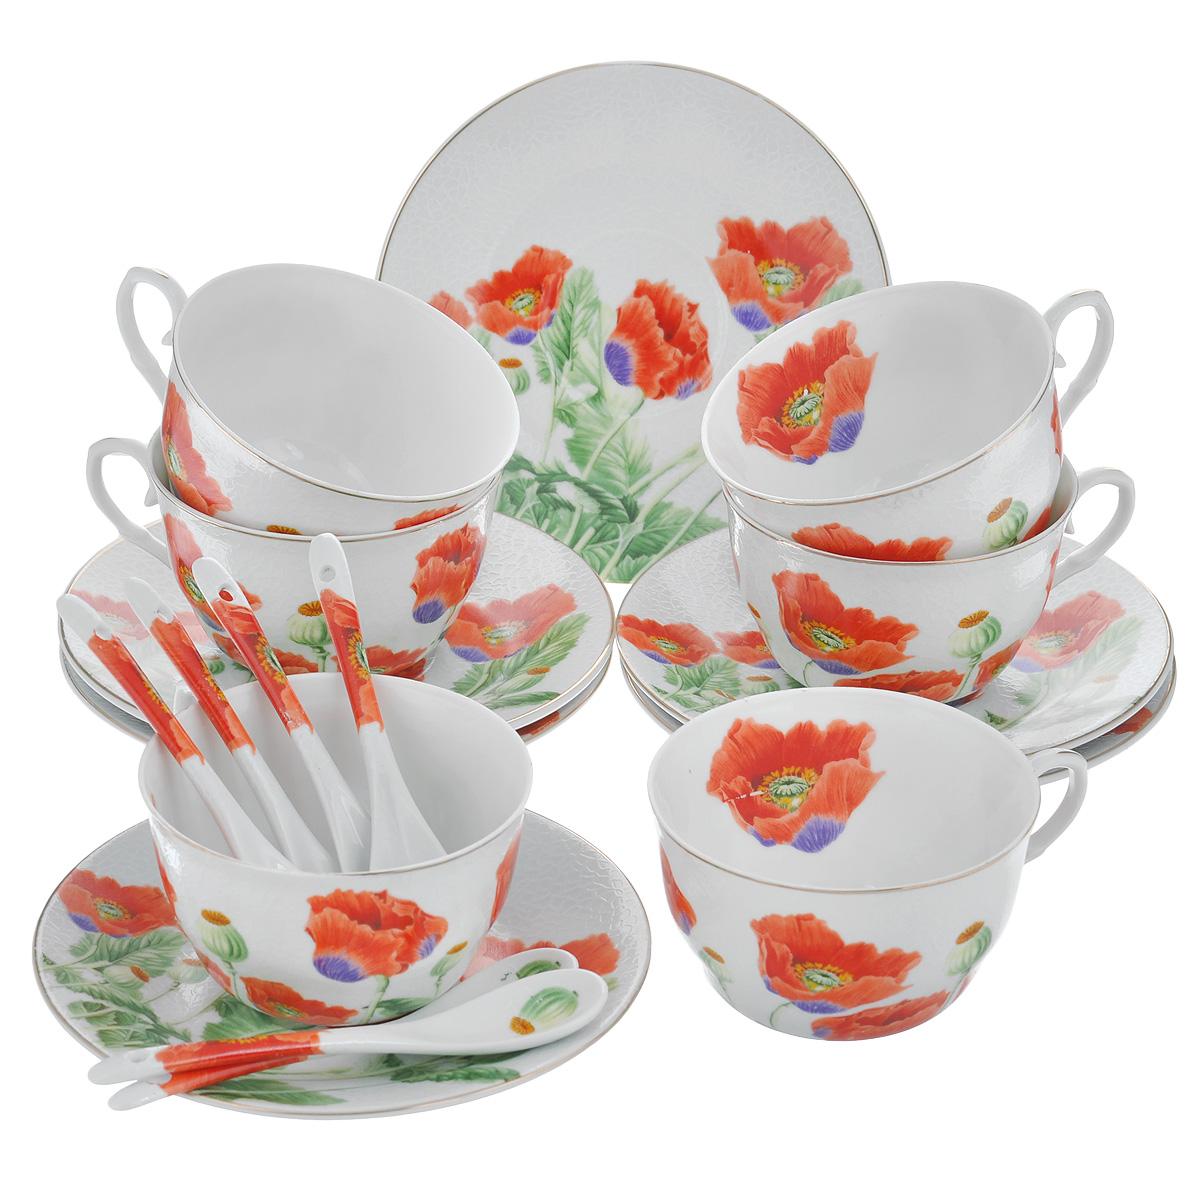 Набор чайный Briswild Цветы мака, 18 предметов набор чайный briswild цветы мака 6 предметов